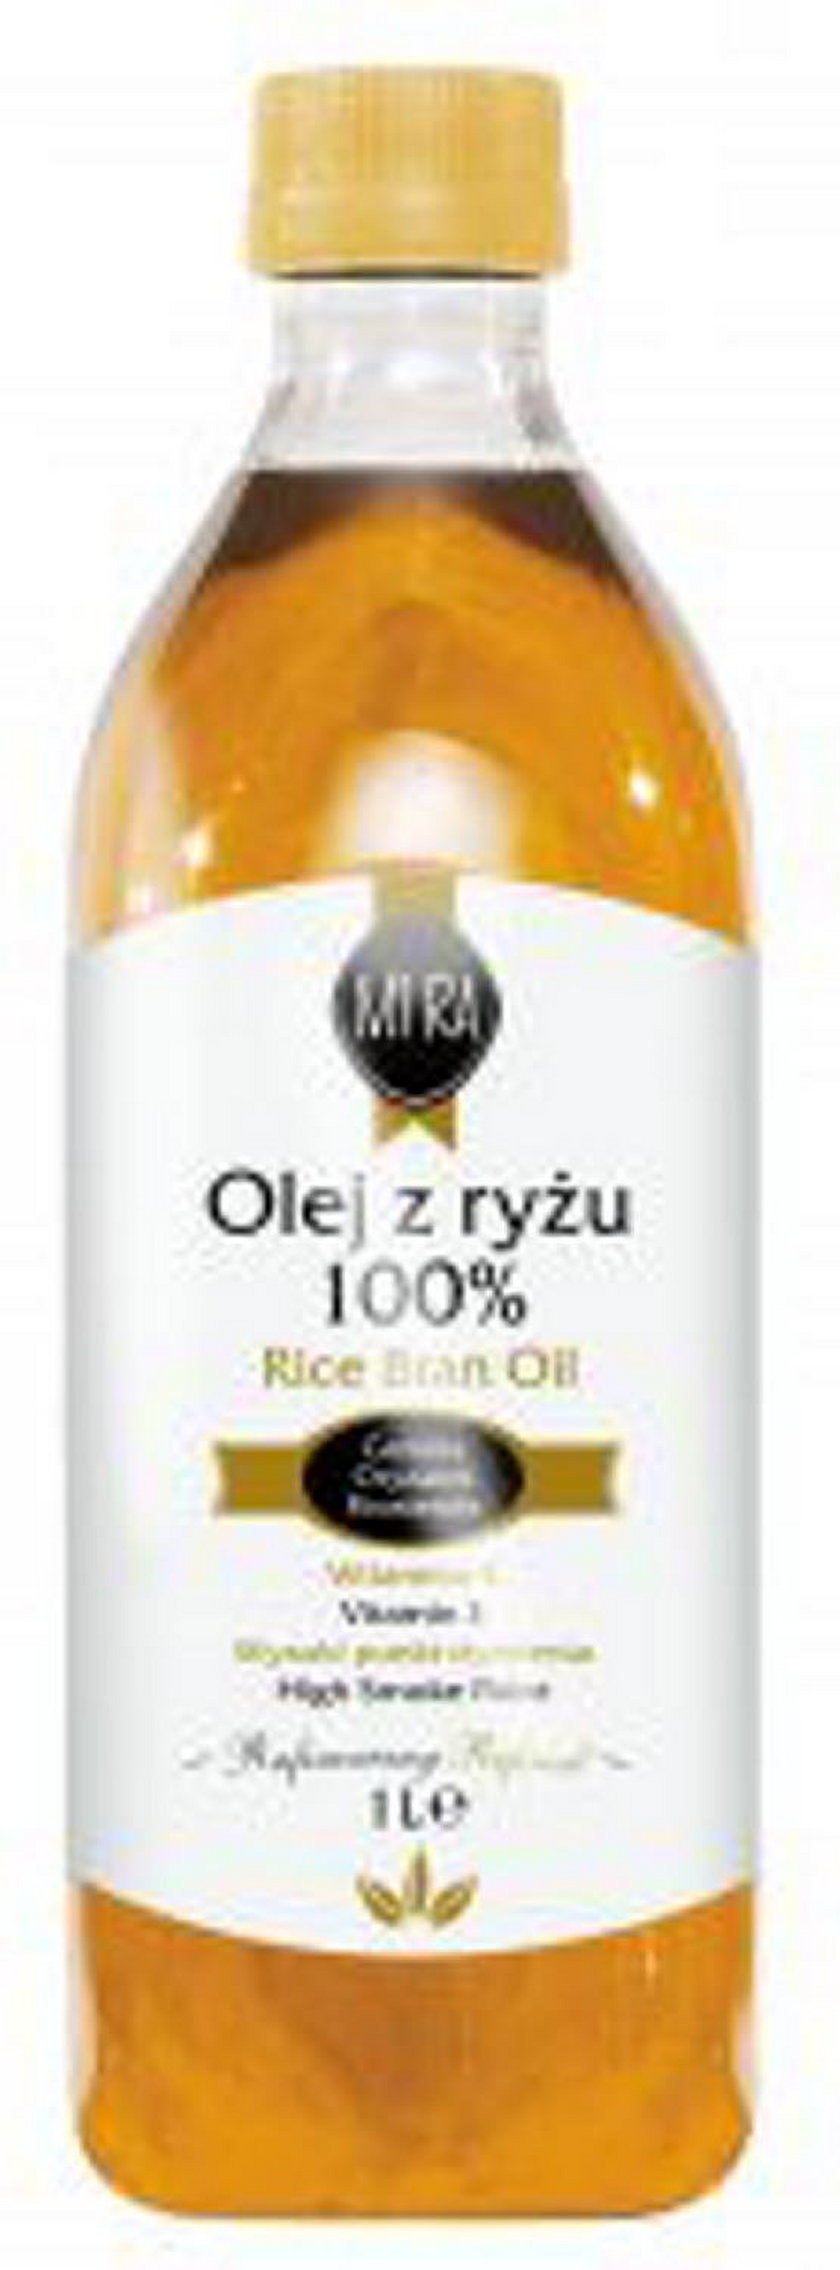 Uwaga! Ten olej wycofano ze sprzedaży. Chodzi o niebezpieczne związki